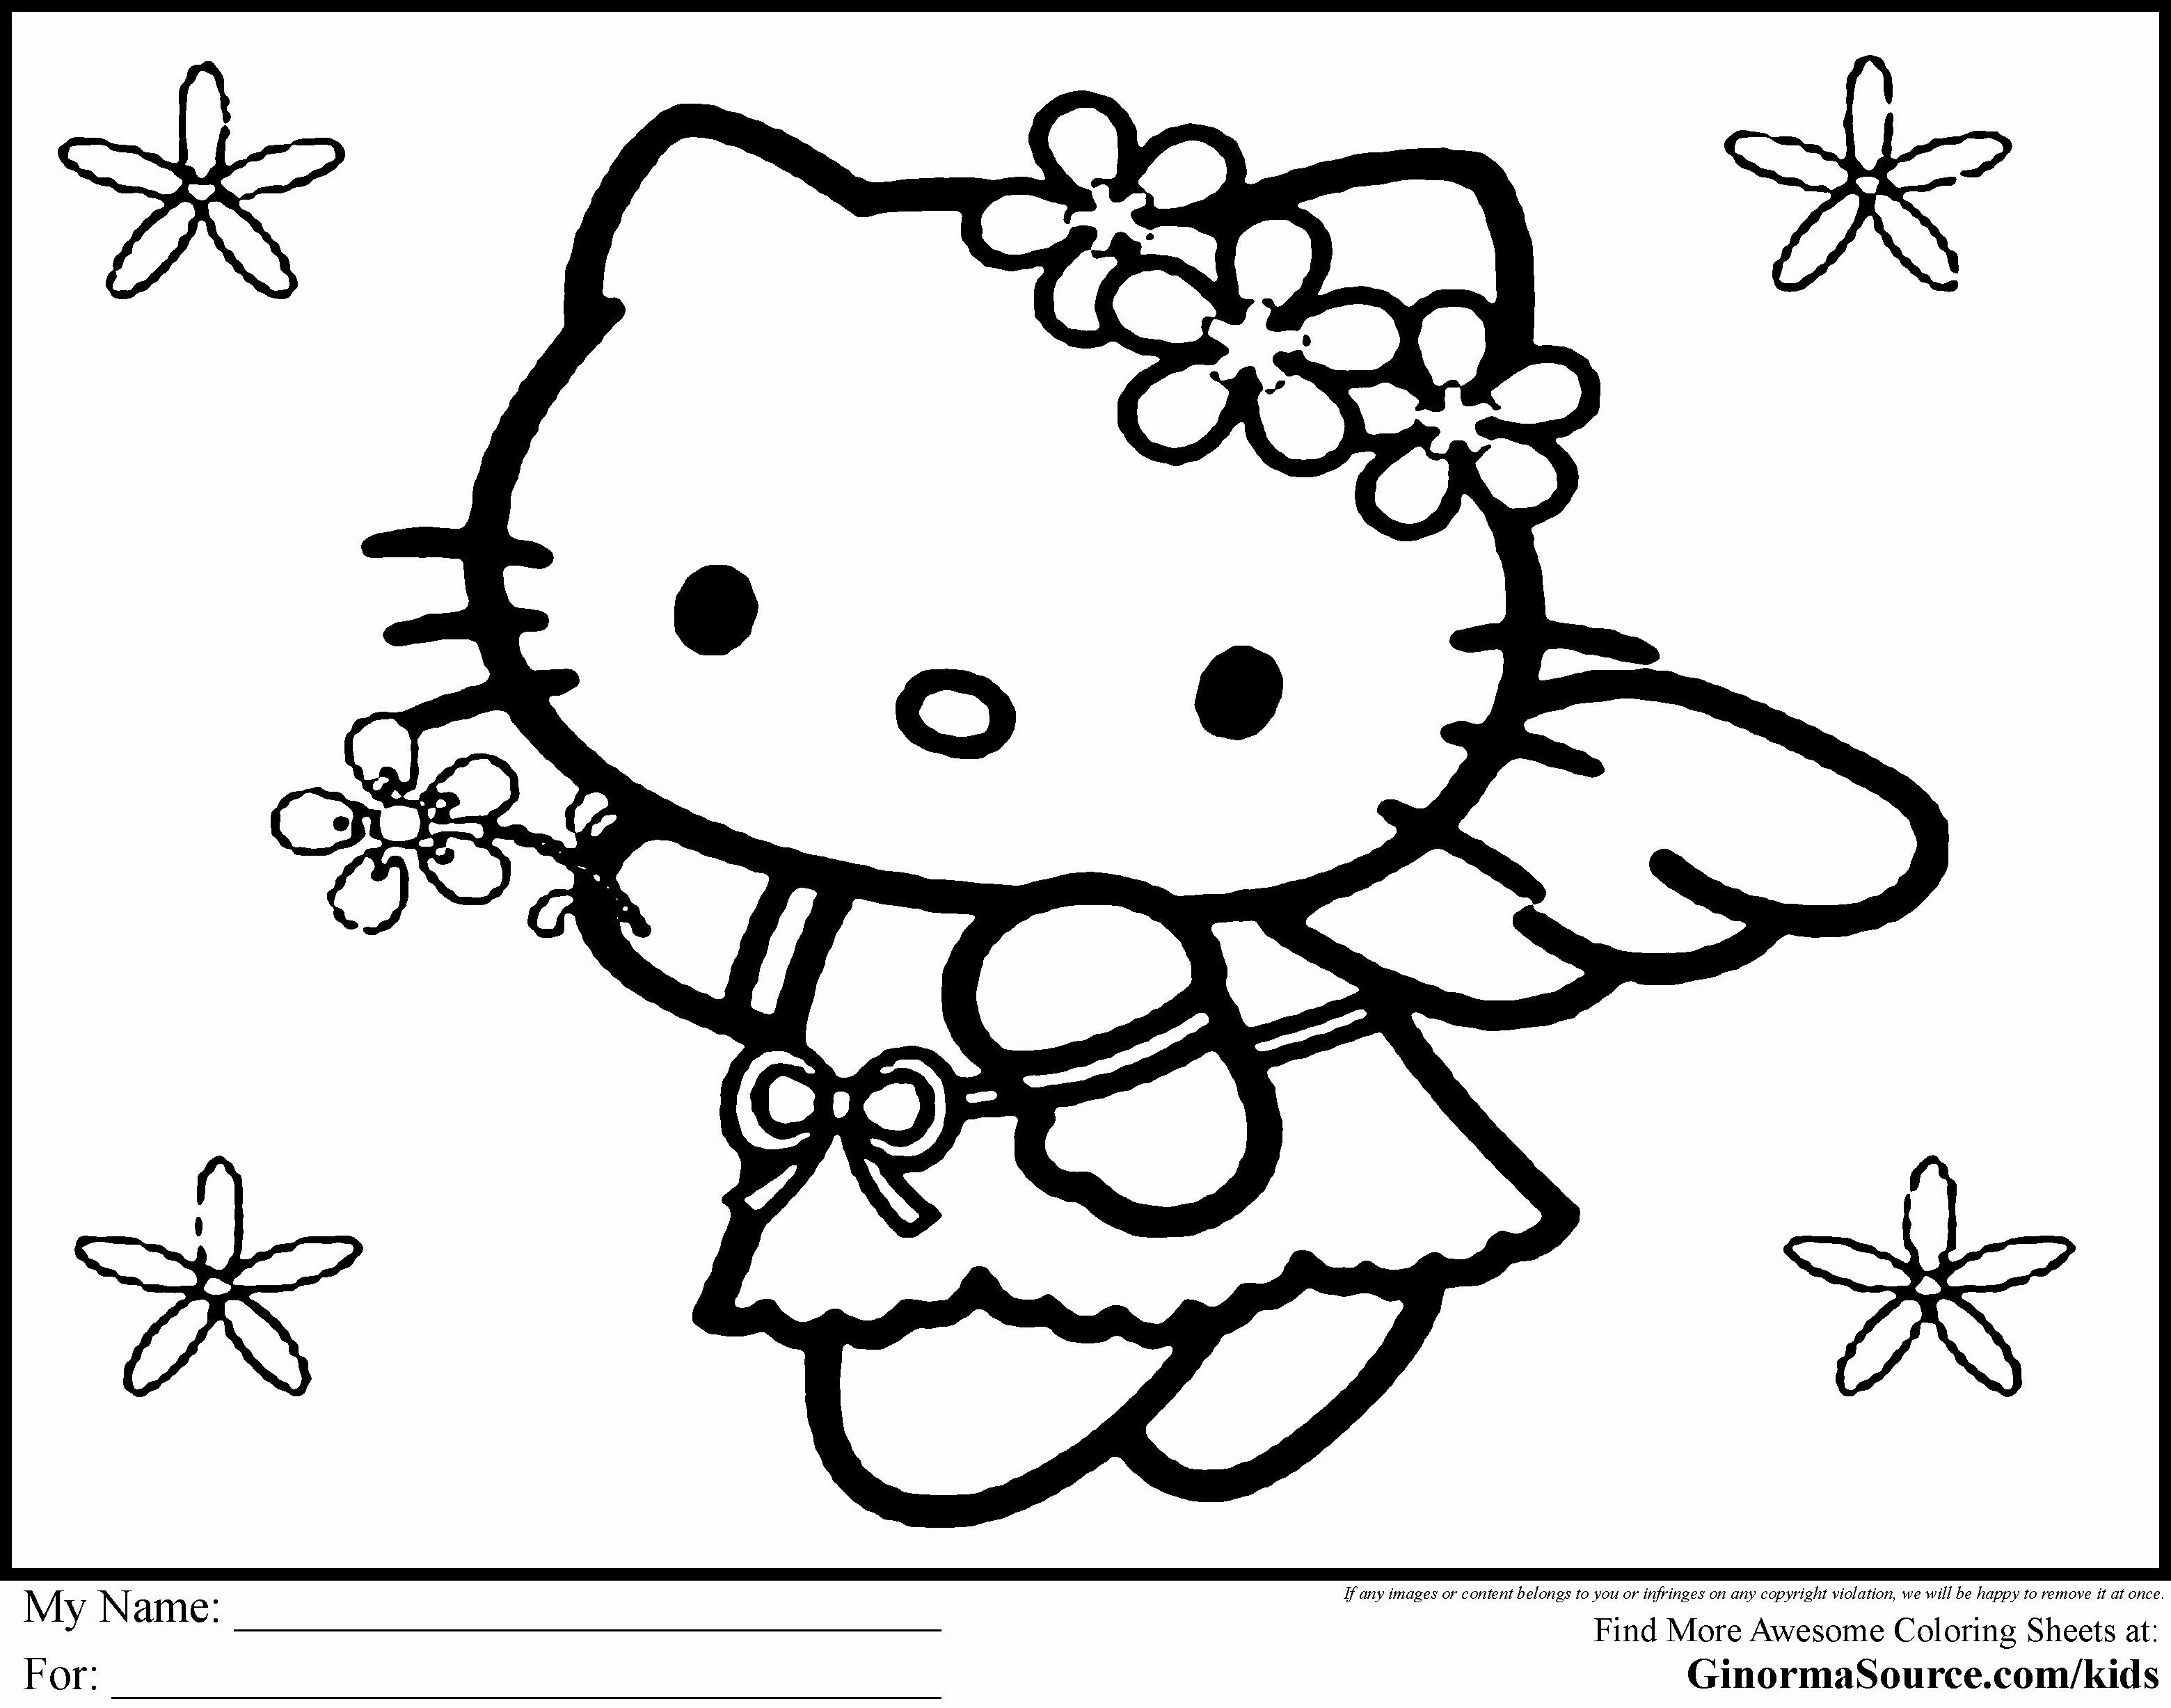 Holiday Coloring Pages To Print Inspirational Coloring Pages You Can Print Out Coloring Pages You Can Hello Kitty Halaman Mewarnai Buku Mewarnai